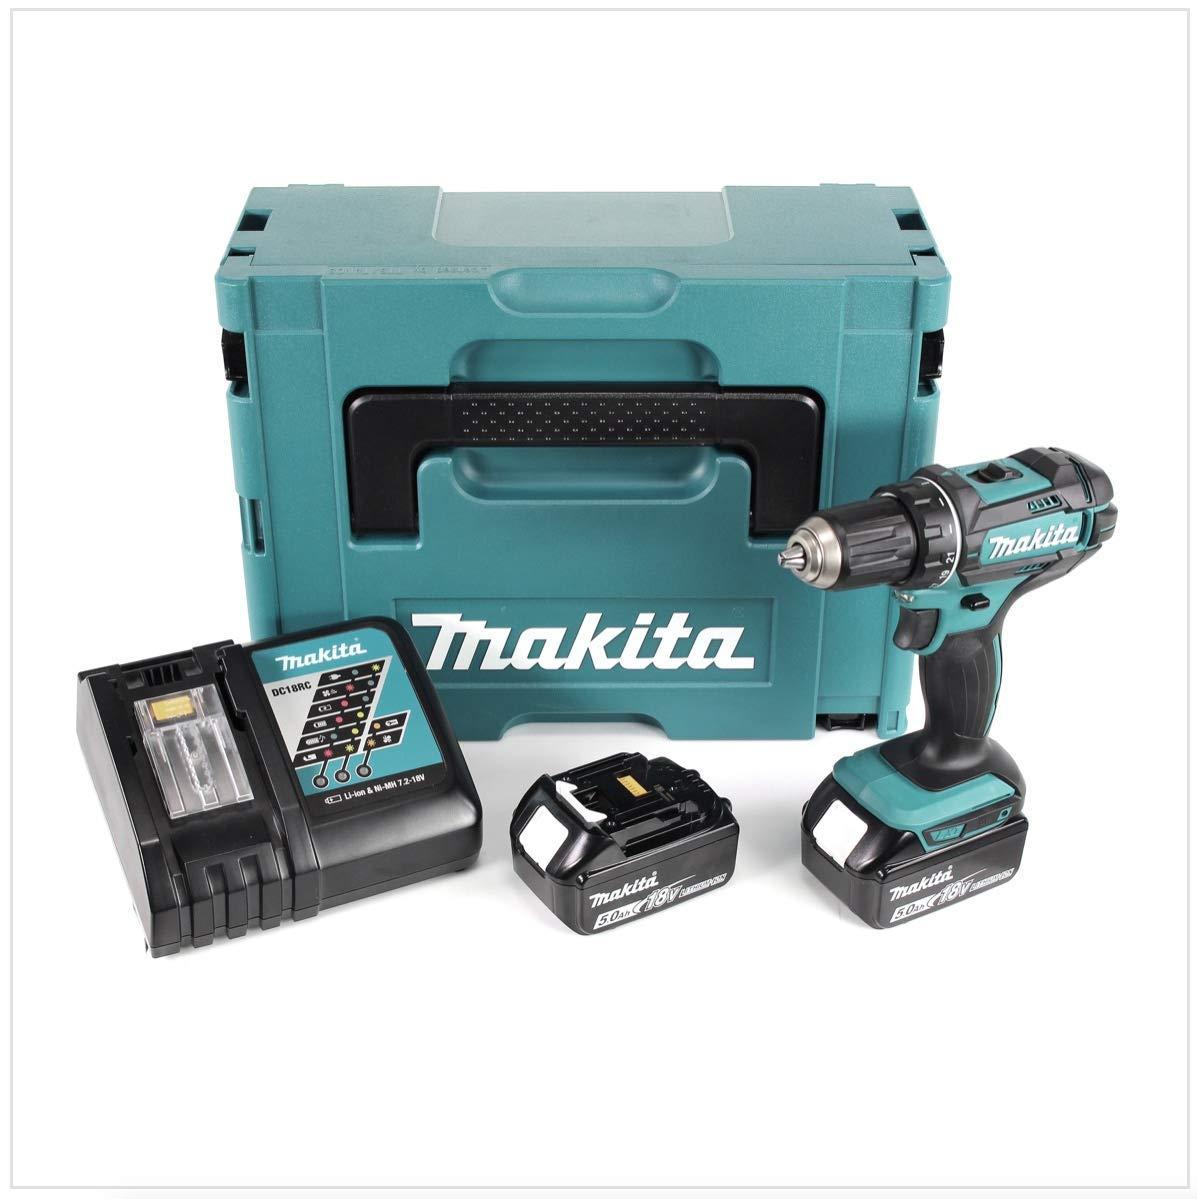 Visseuse Makita 18V 5Ah : Test Du Meilleur Produit, Guide Et Avis